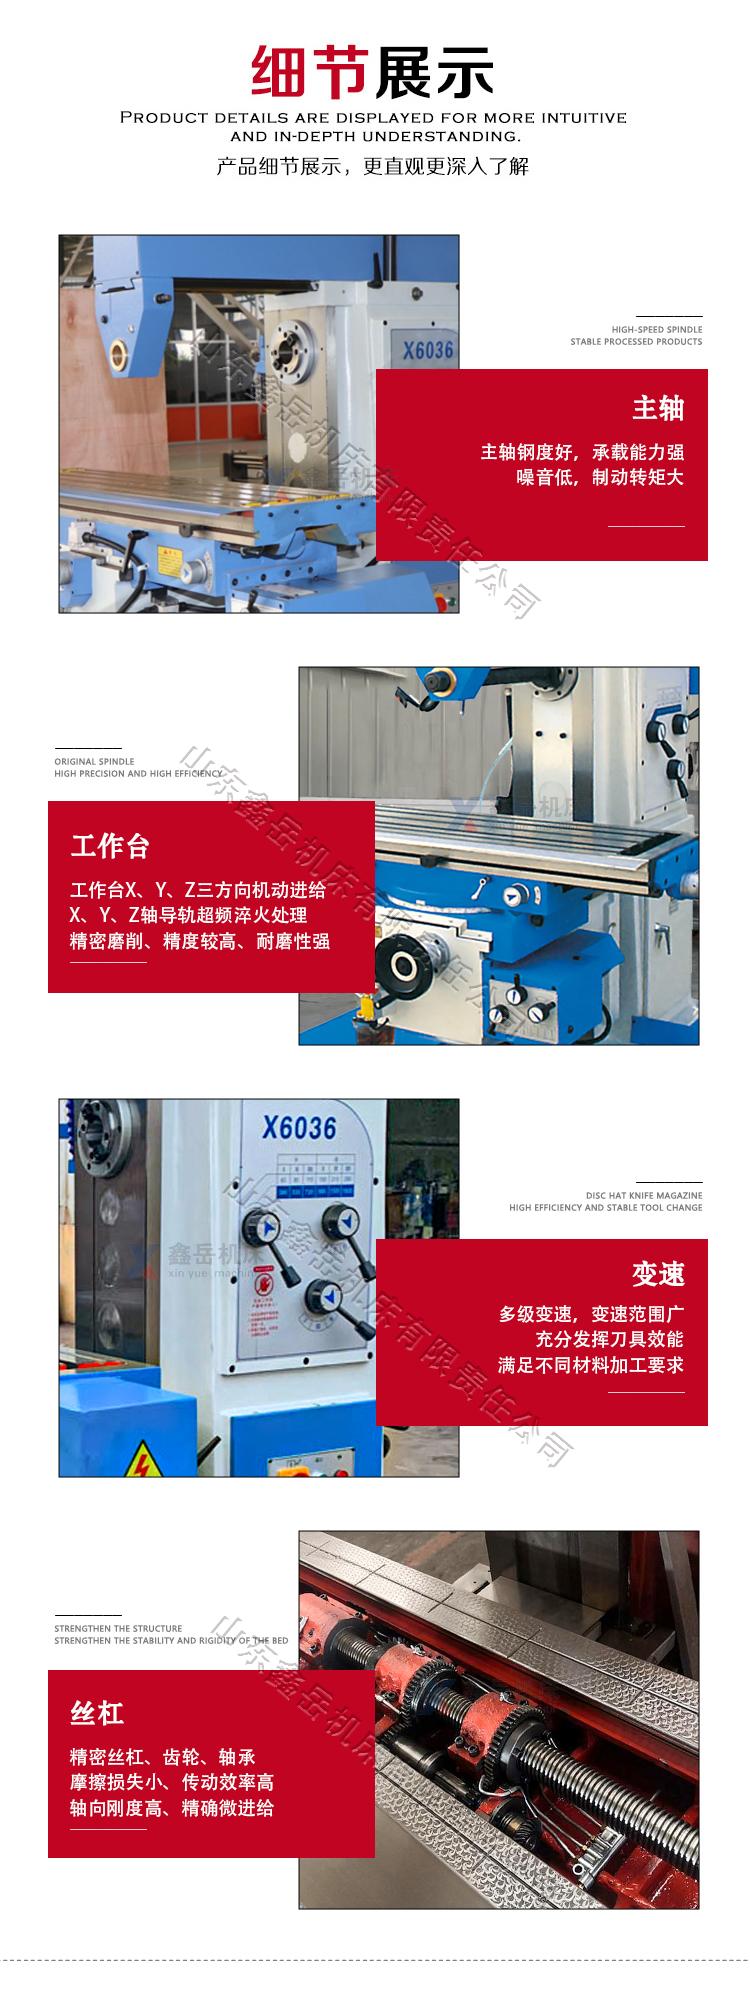 X6036wo式铣chuang细节